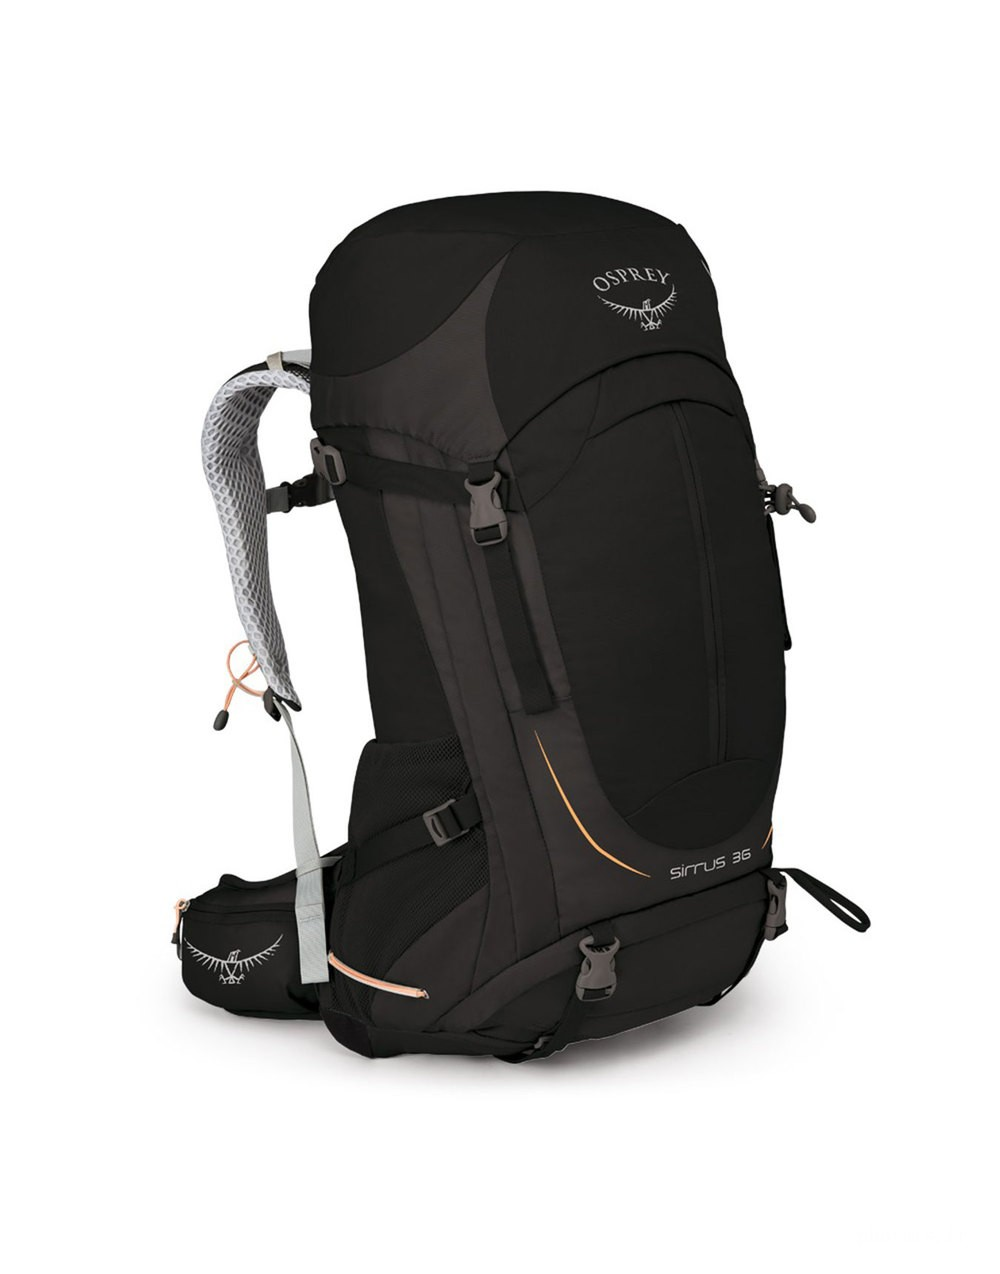 [BLACK FRIDAY] Osprey Sac à dos de randonnée femme - Sirrus 36 Black - Marque